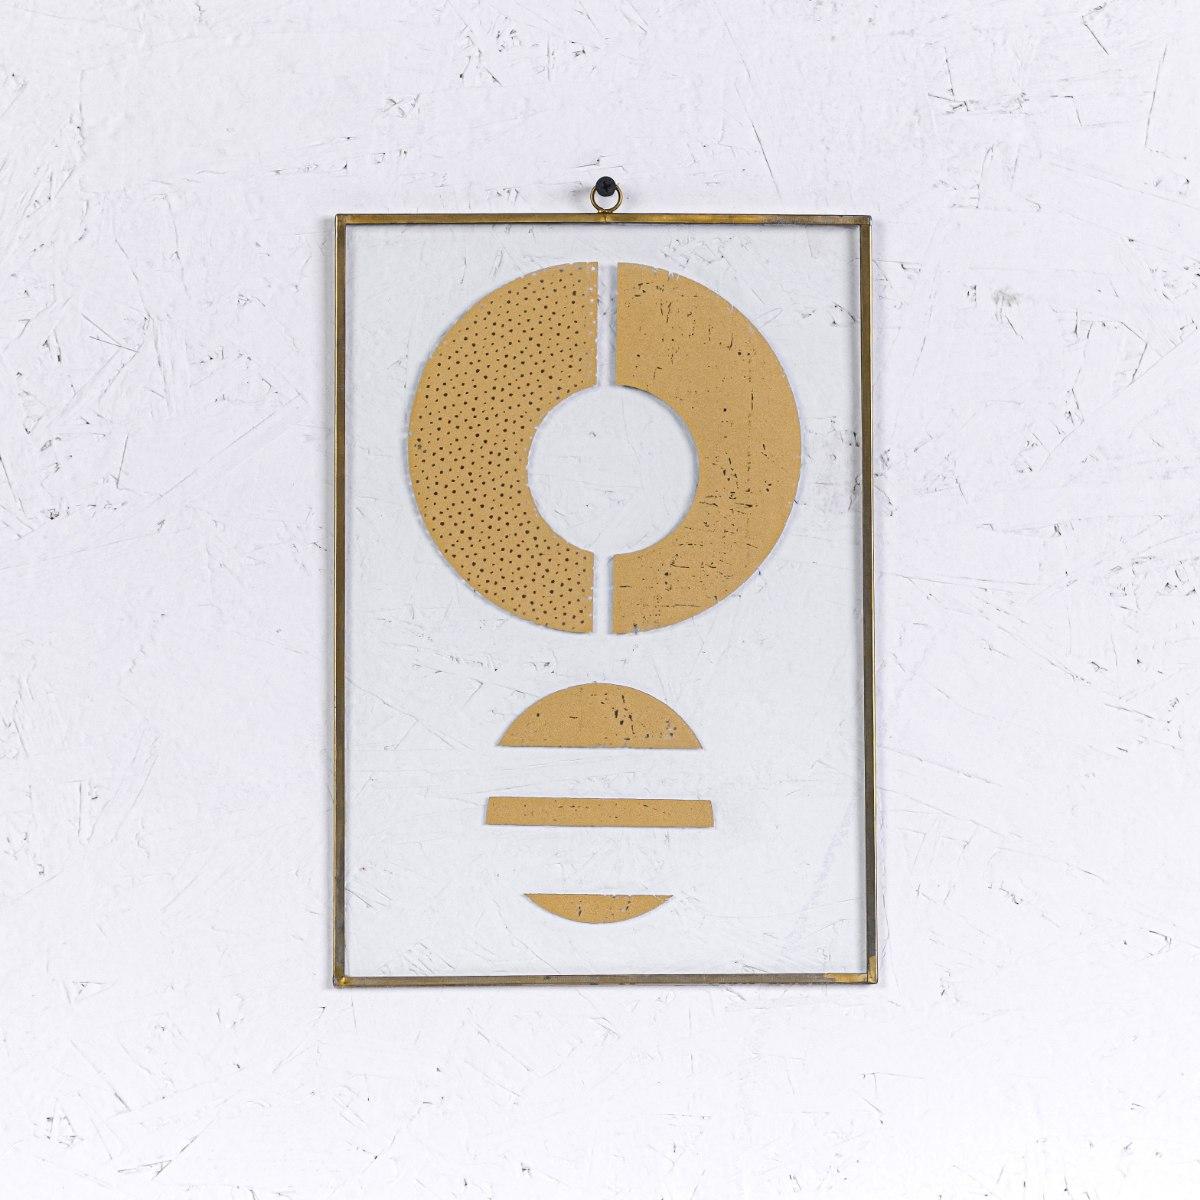 שלט זכוכית A4 עיגולים - זהב